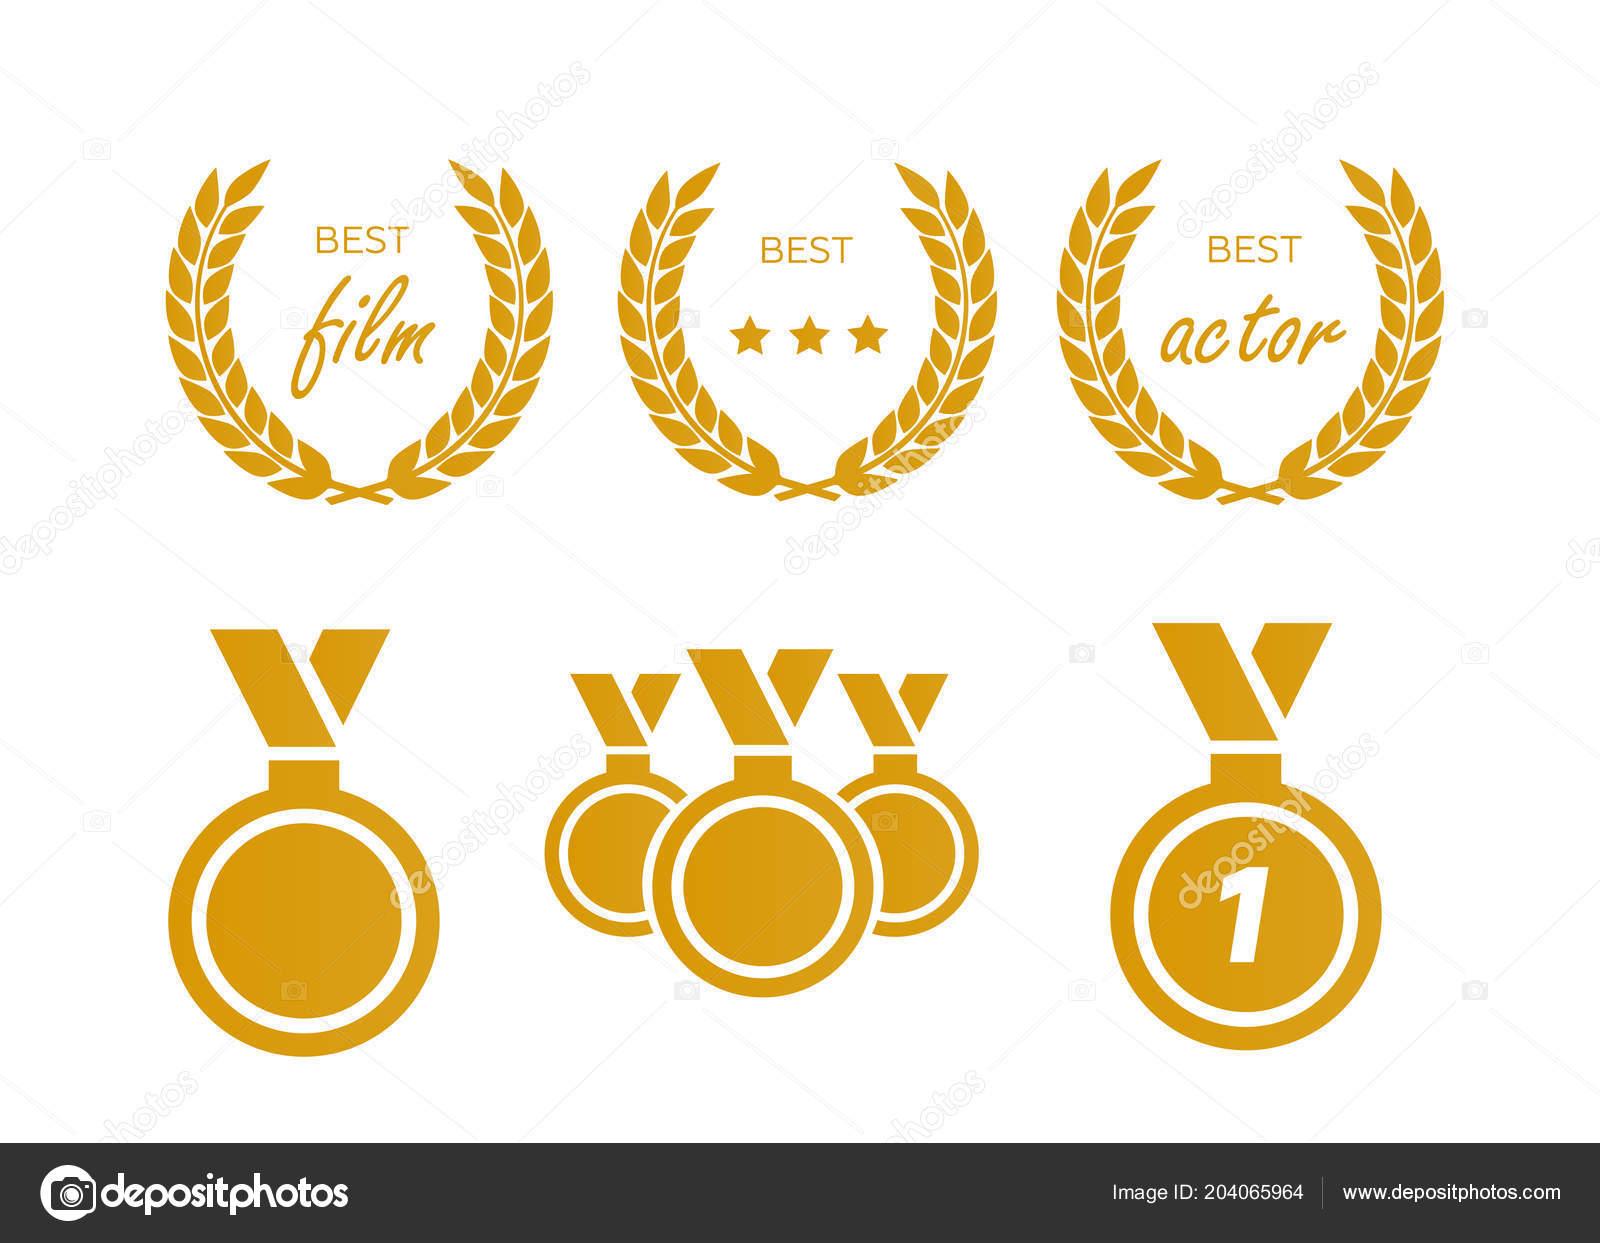 Zlaté Ocenění Vavřínový Věnec Vavřín Vítěze Vítězství Úspěch Vektor —  Stockový vektor 72d175c20d